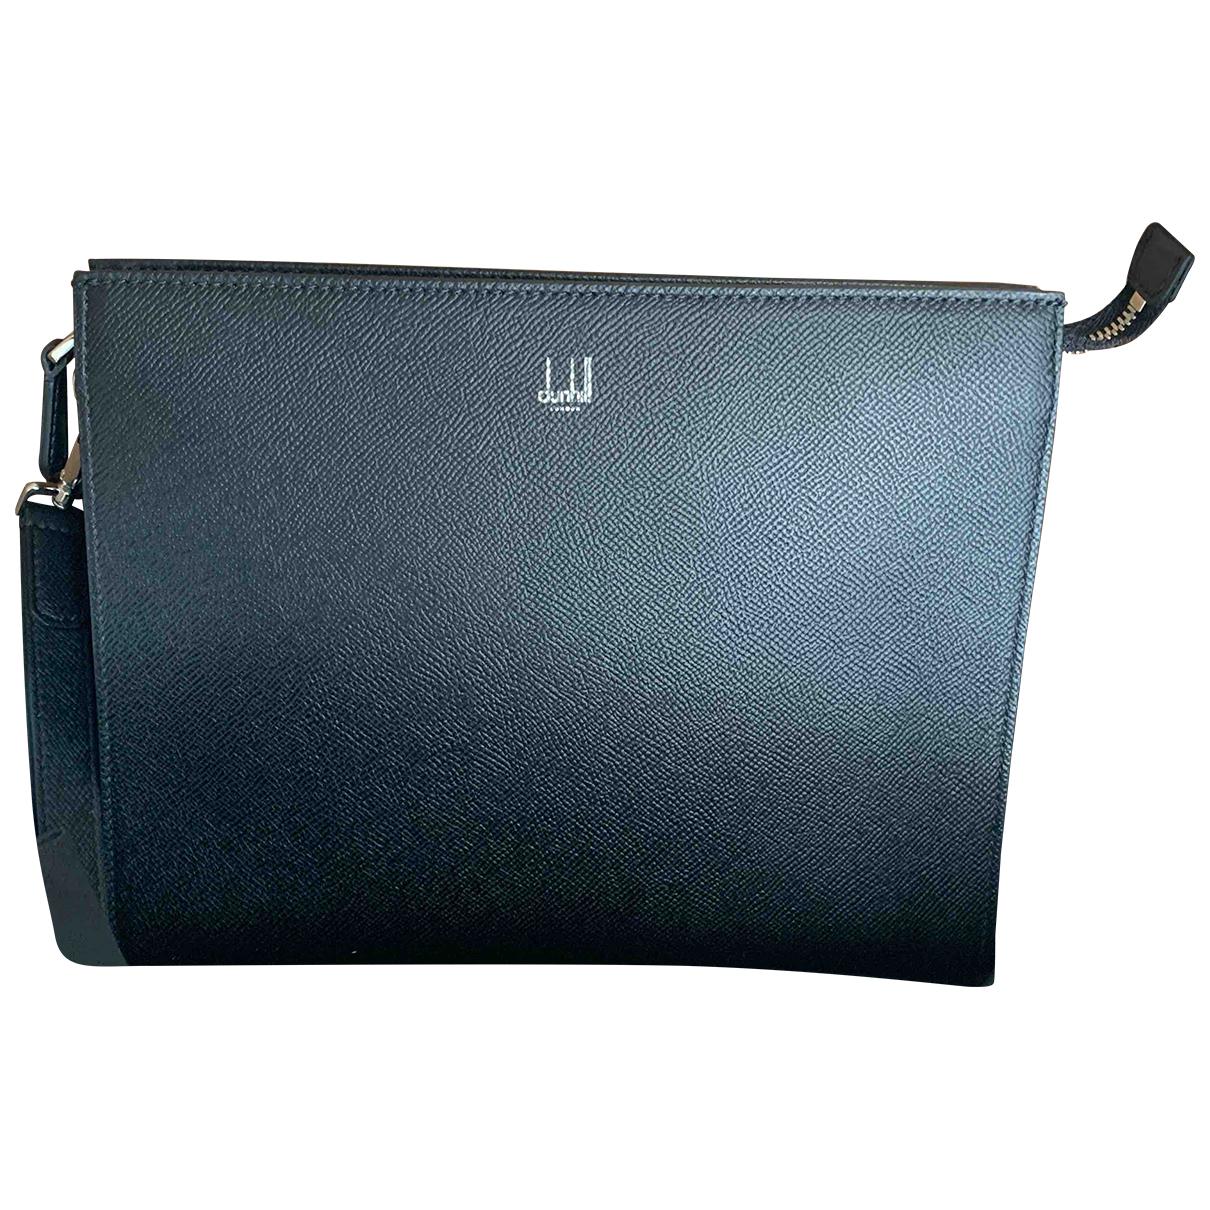 Alfred Dunhill N Black Leather bag for Men N